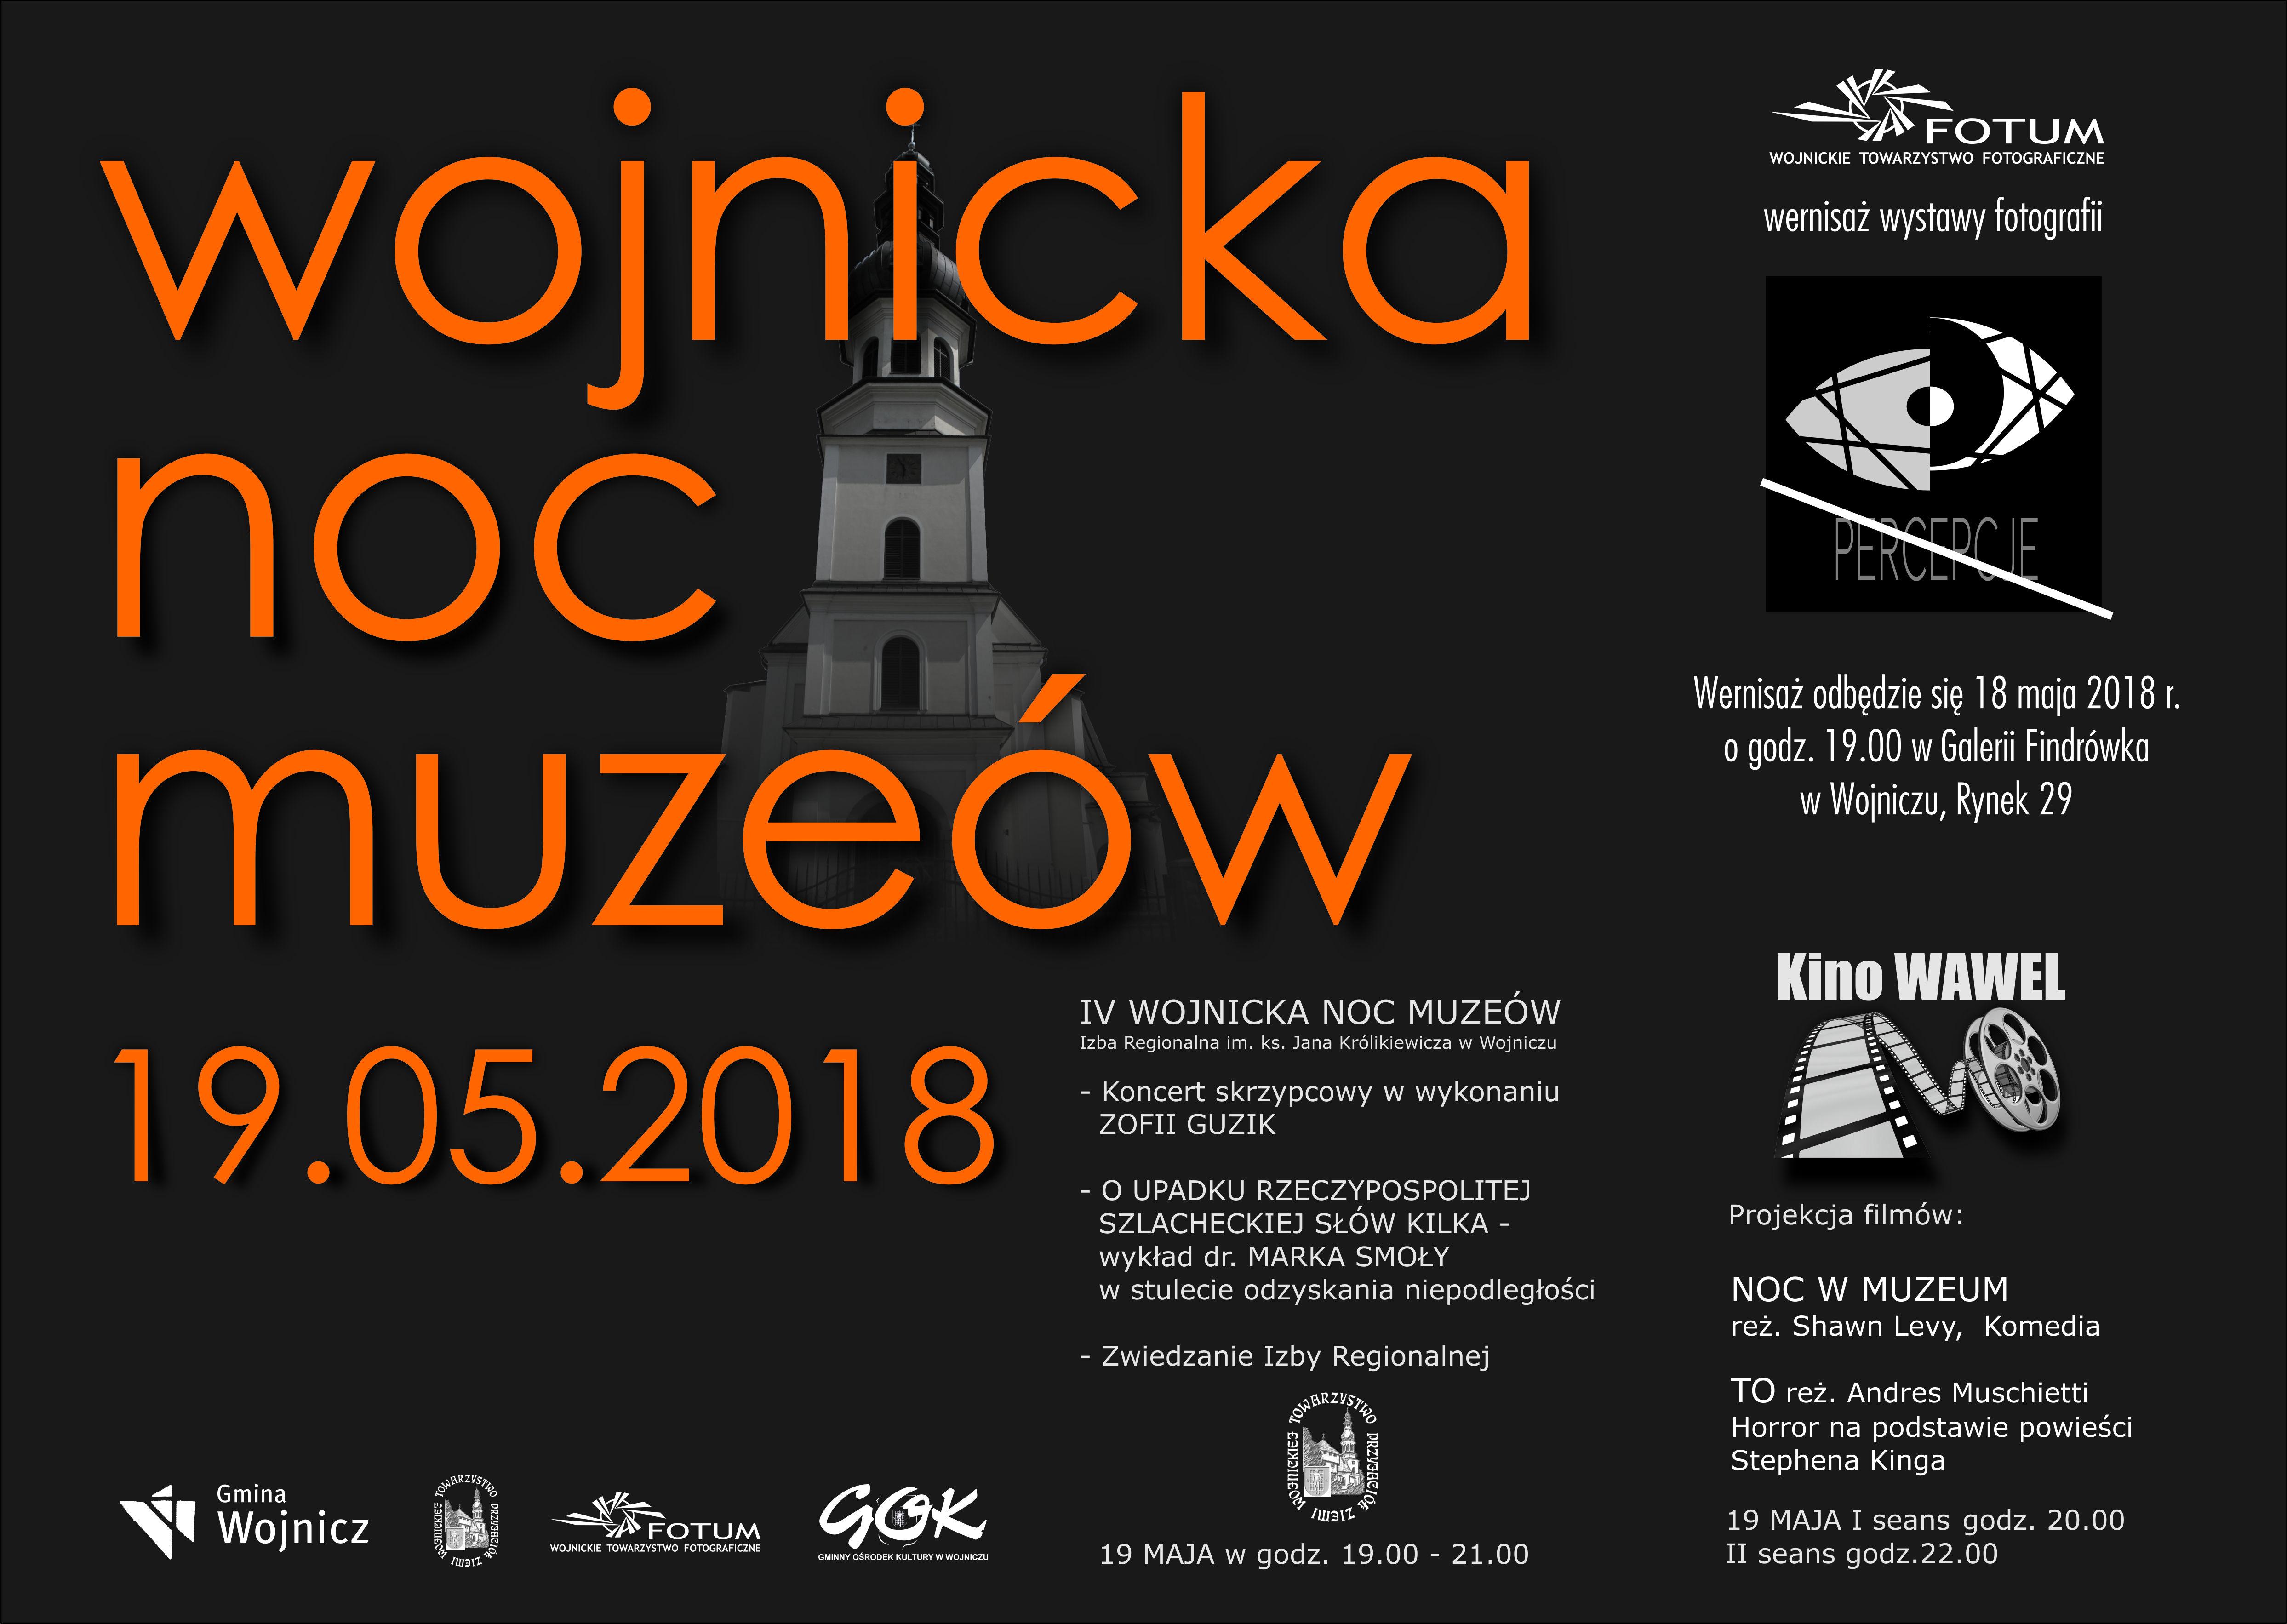 """WOJNICKA NOC MUZEÓW @ Galeria """"Findrówka"""", Izba Regionalna, Kino """"Wawel"""""""